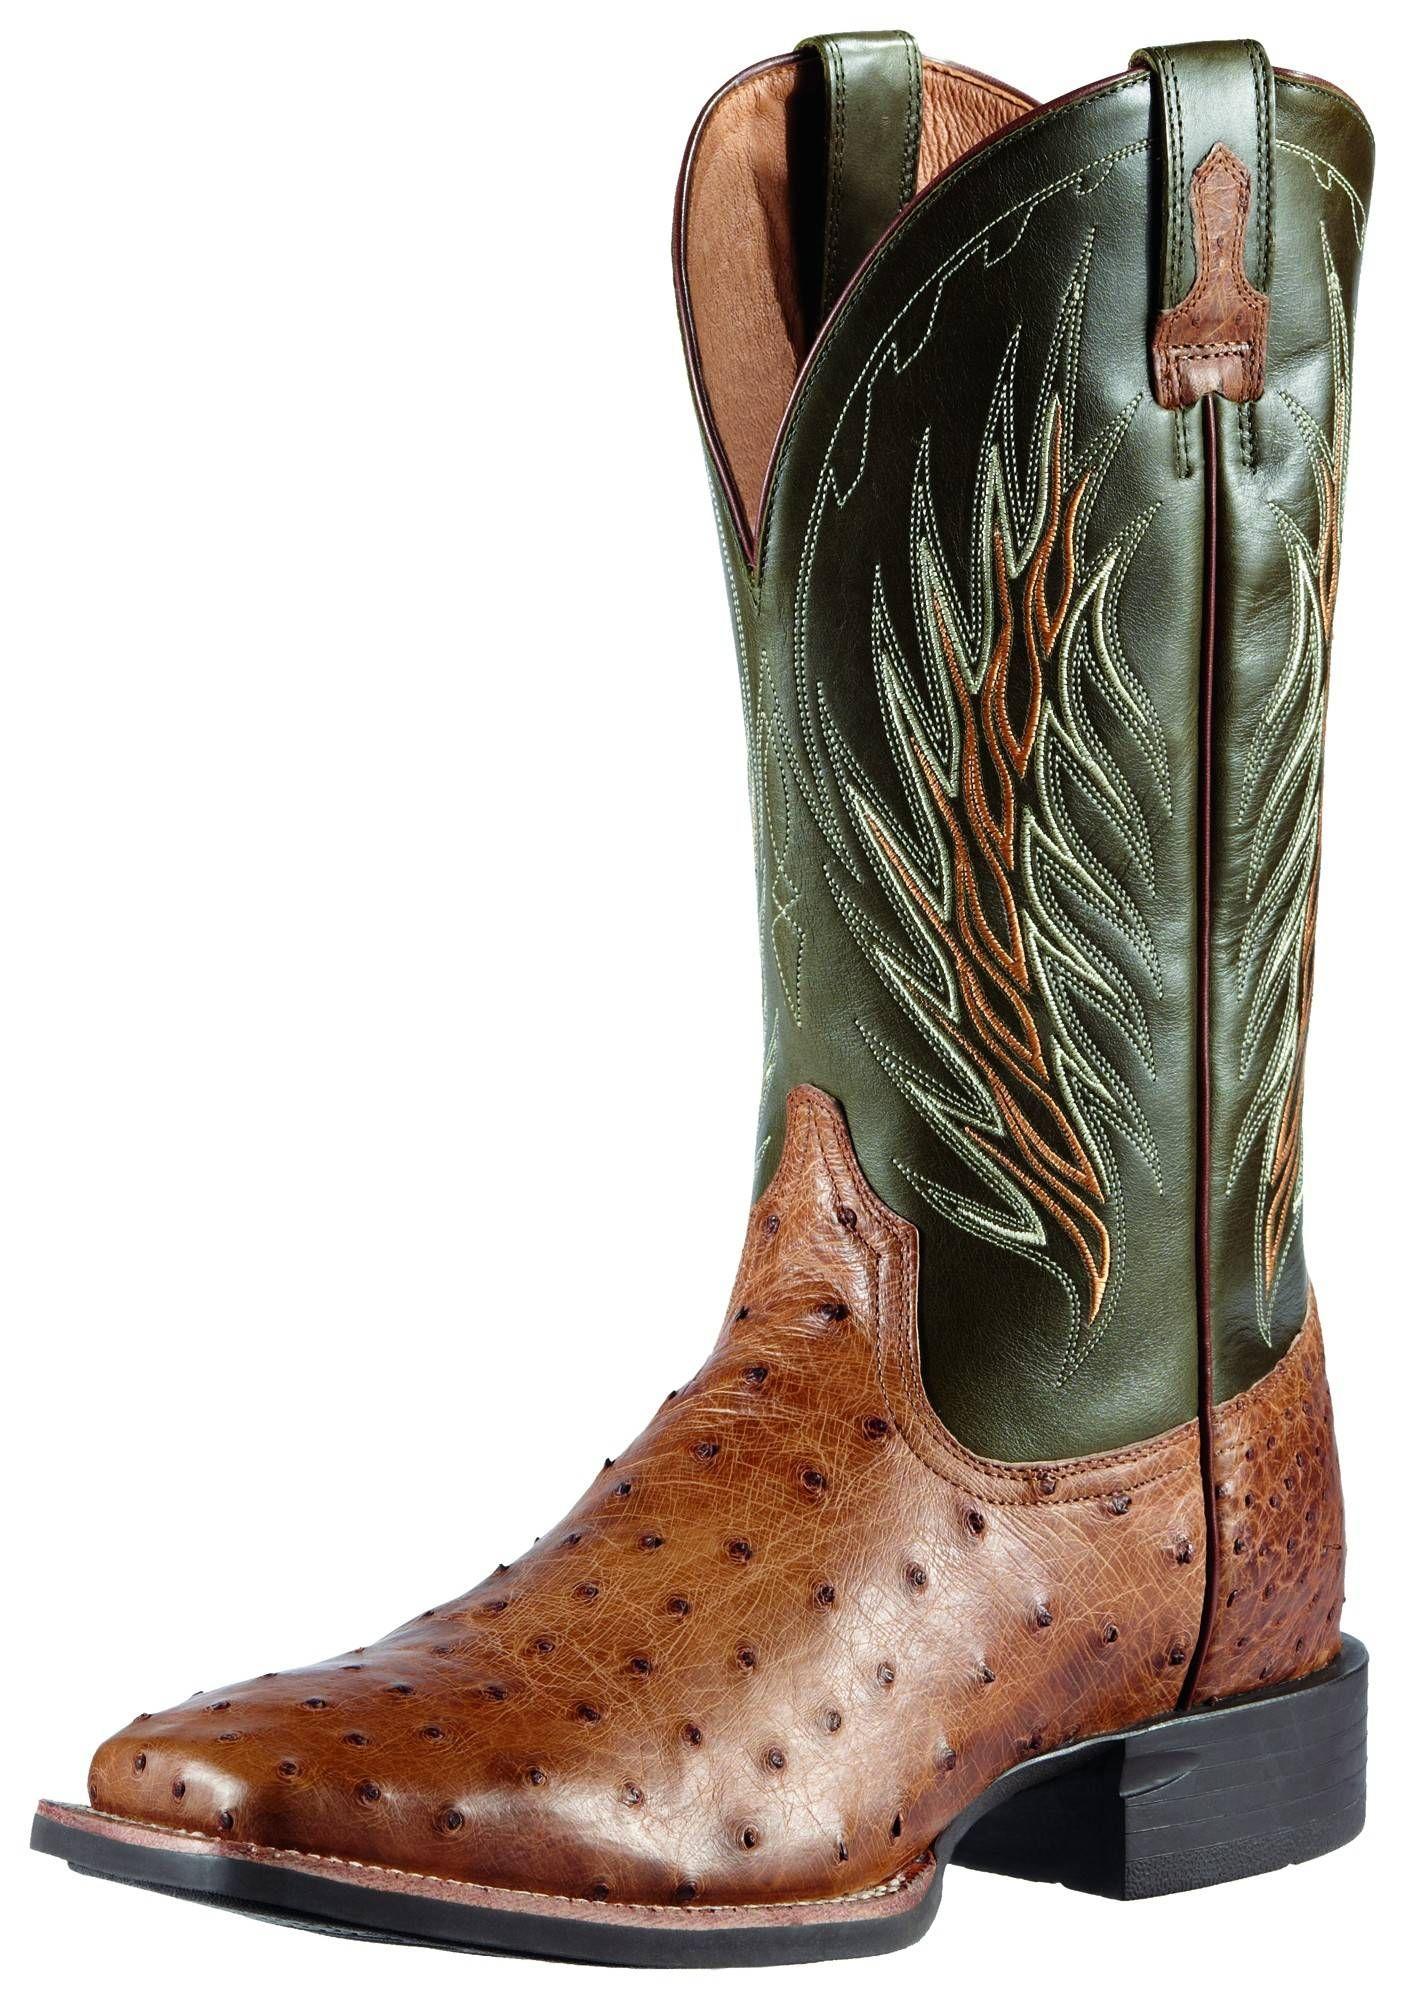 10011786 | Allens Boots | Men's Ariat Full Quill Ostrich Boots ...